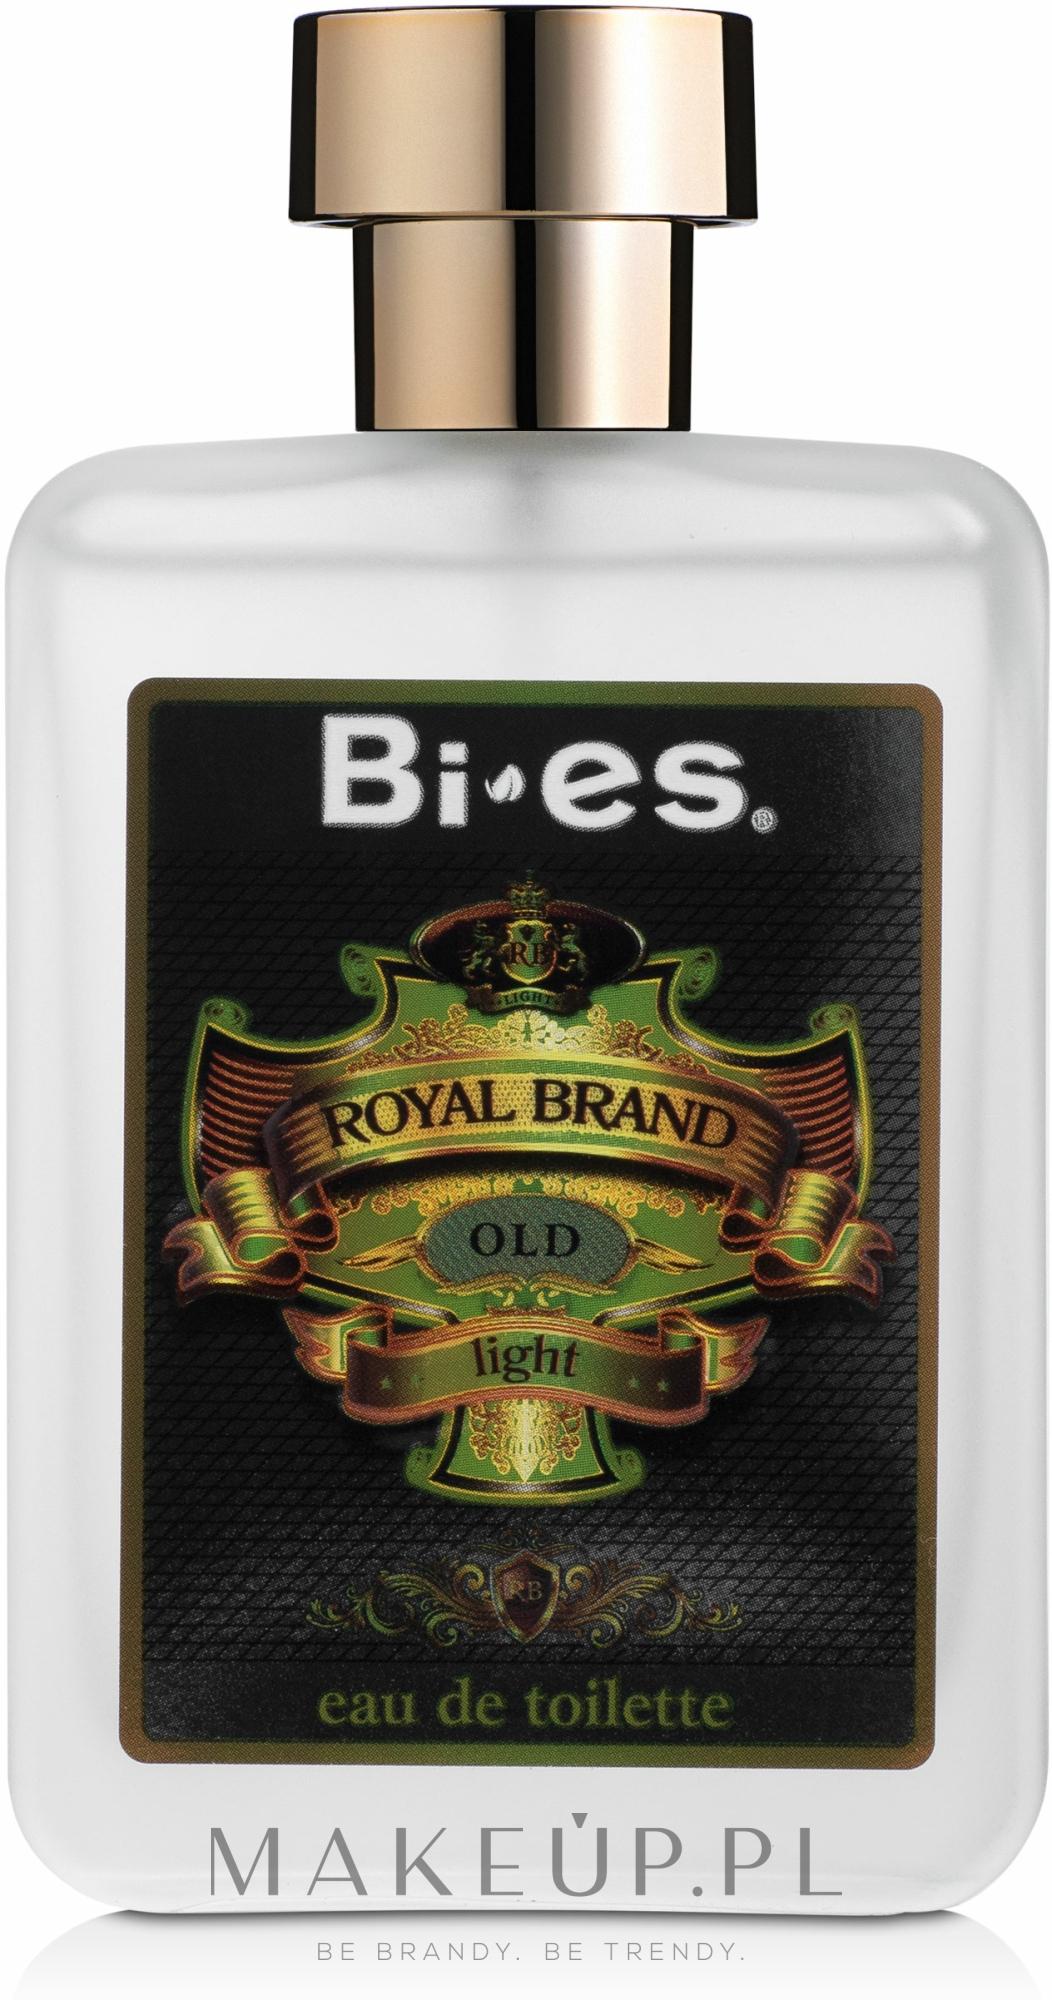 bi-es royal brand old light